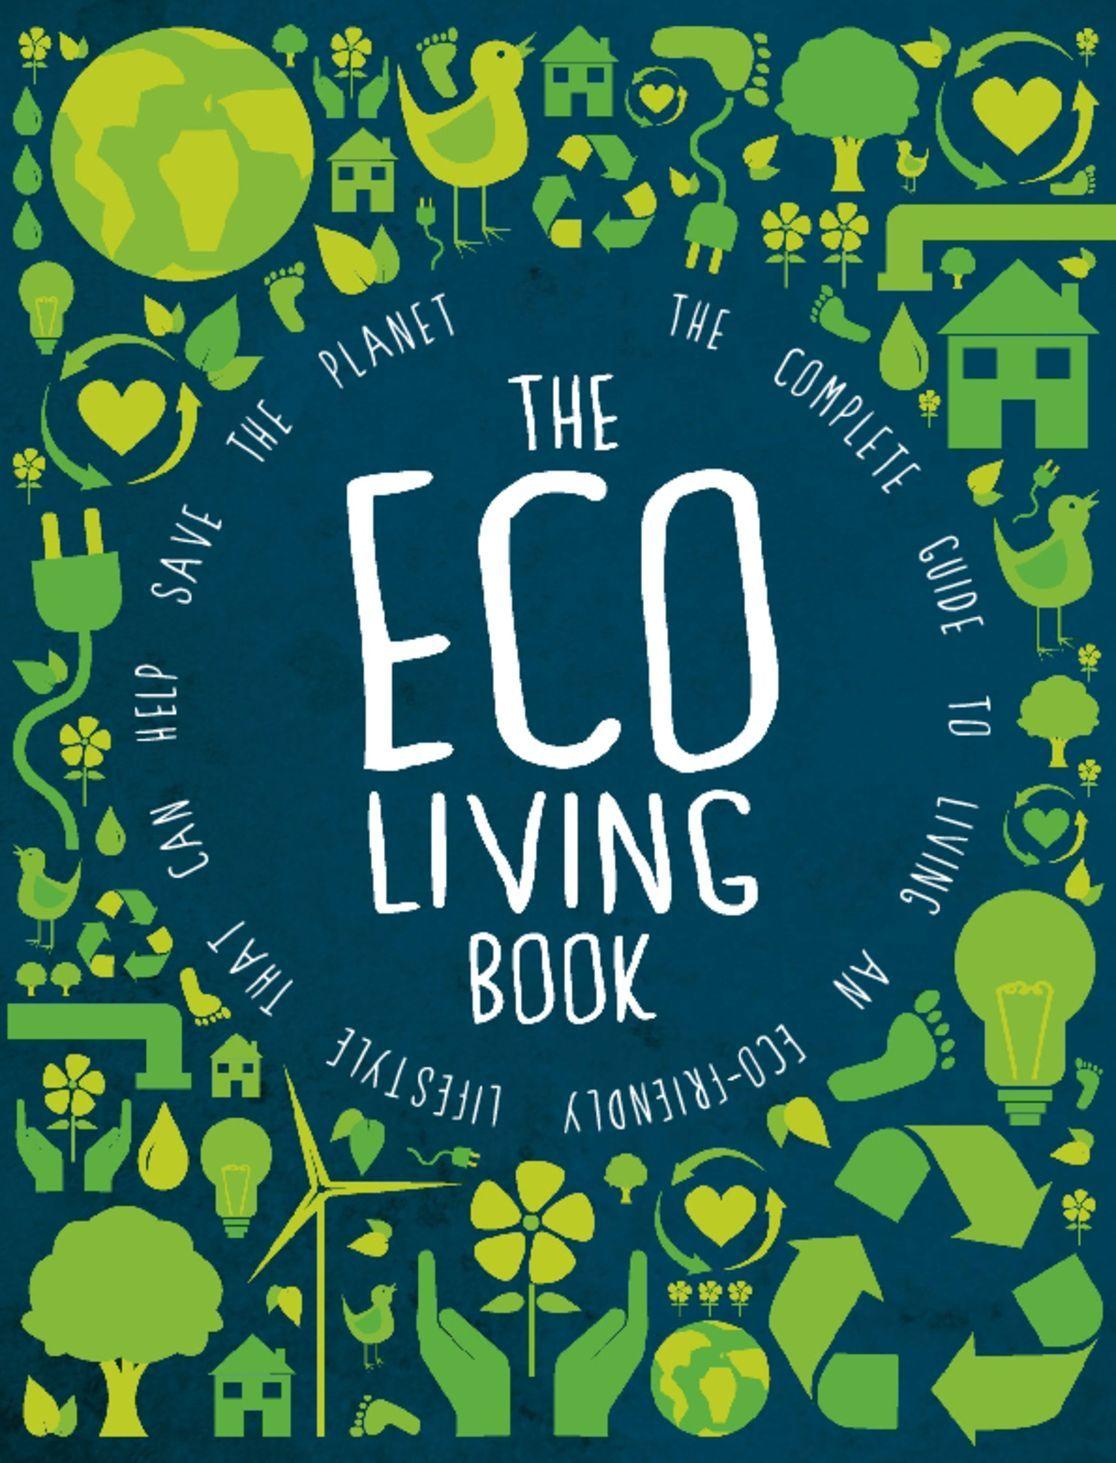 The Eco Living Book Digital